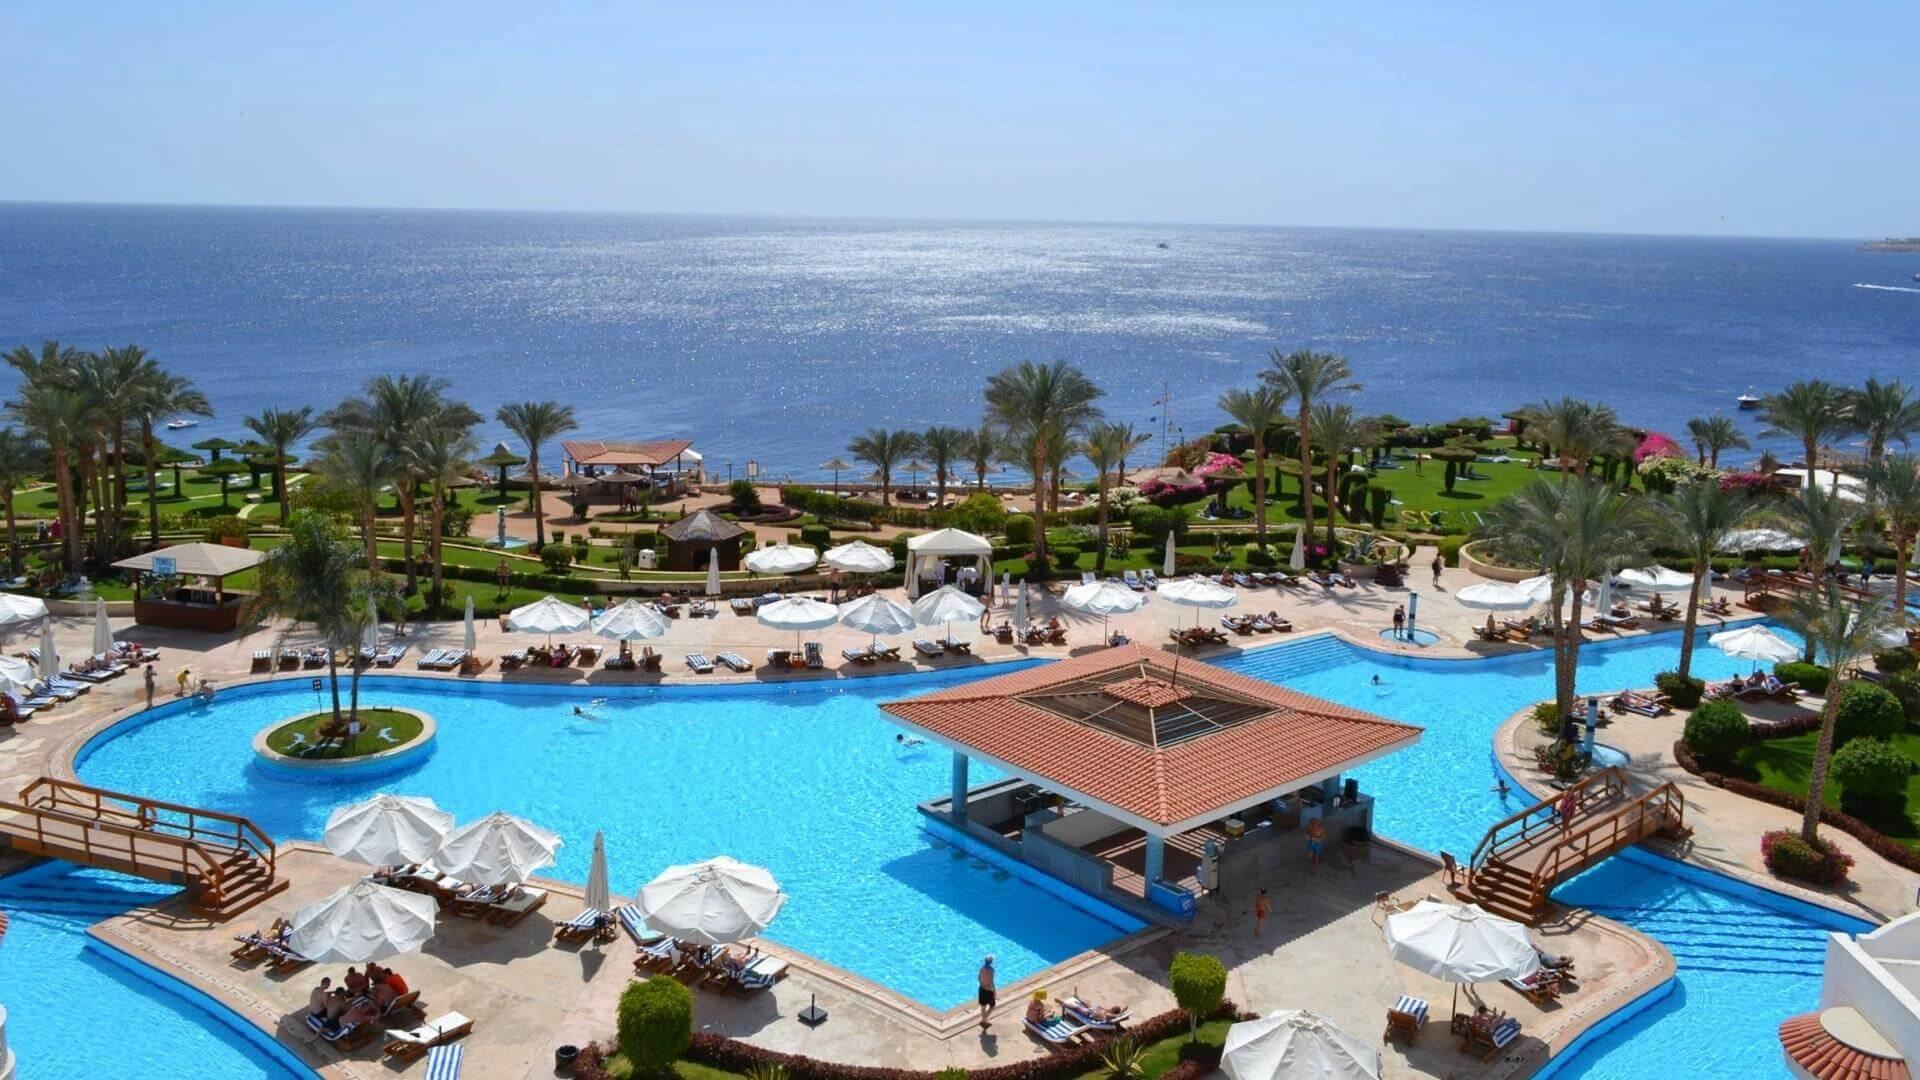 5-звездочный отель Siva Sharm в Шарм-эль-Шейхе